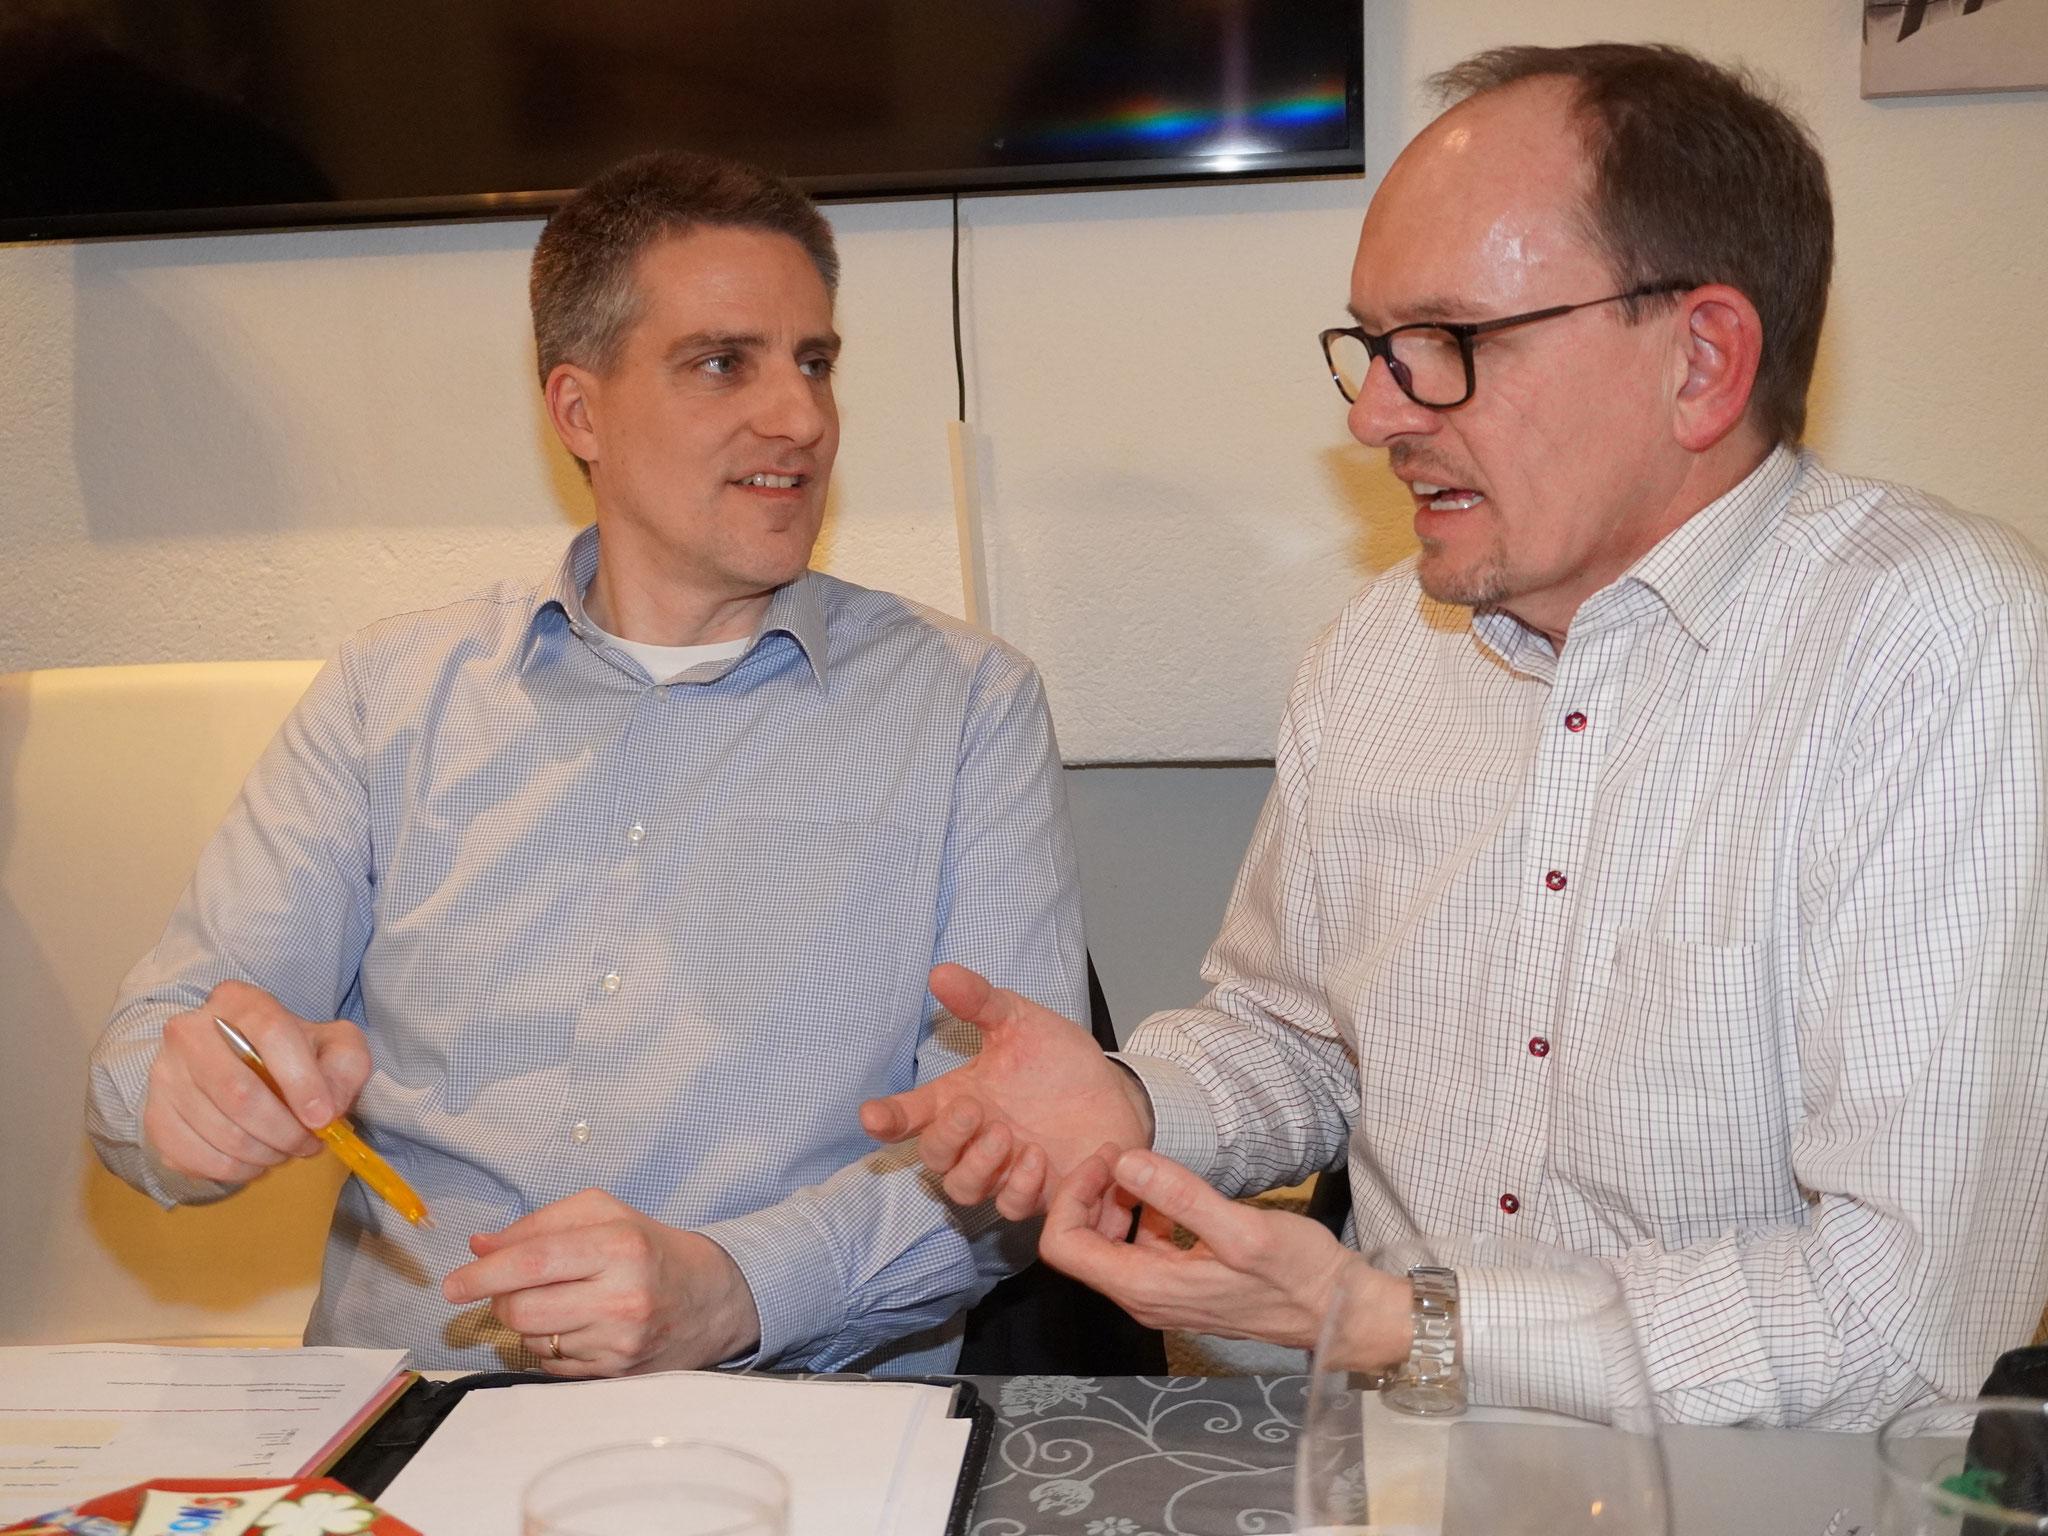 Präsident Marc Studerus (l.) im angeregten Gespräch mit Vorstandsmitglied André Keller